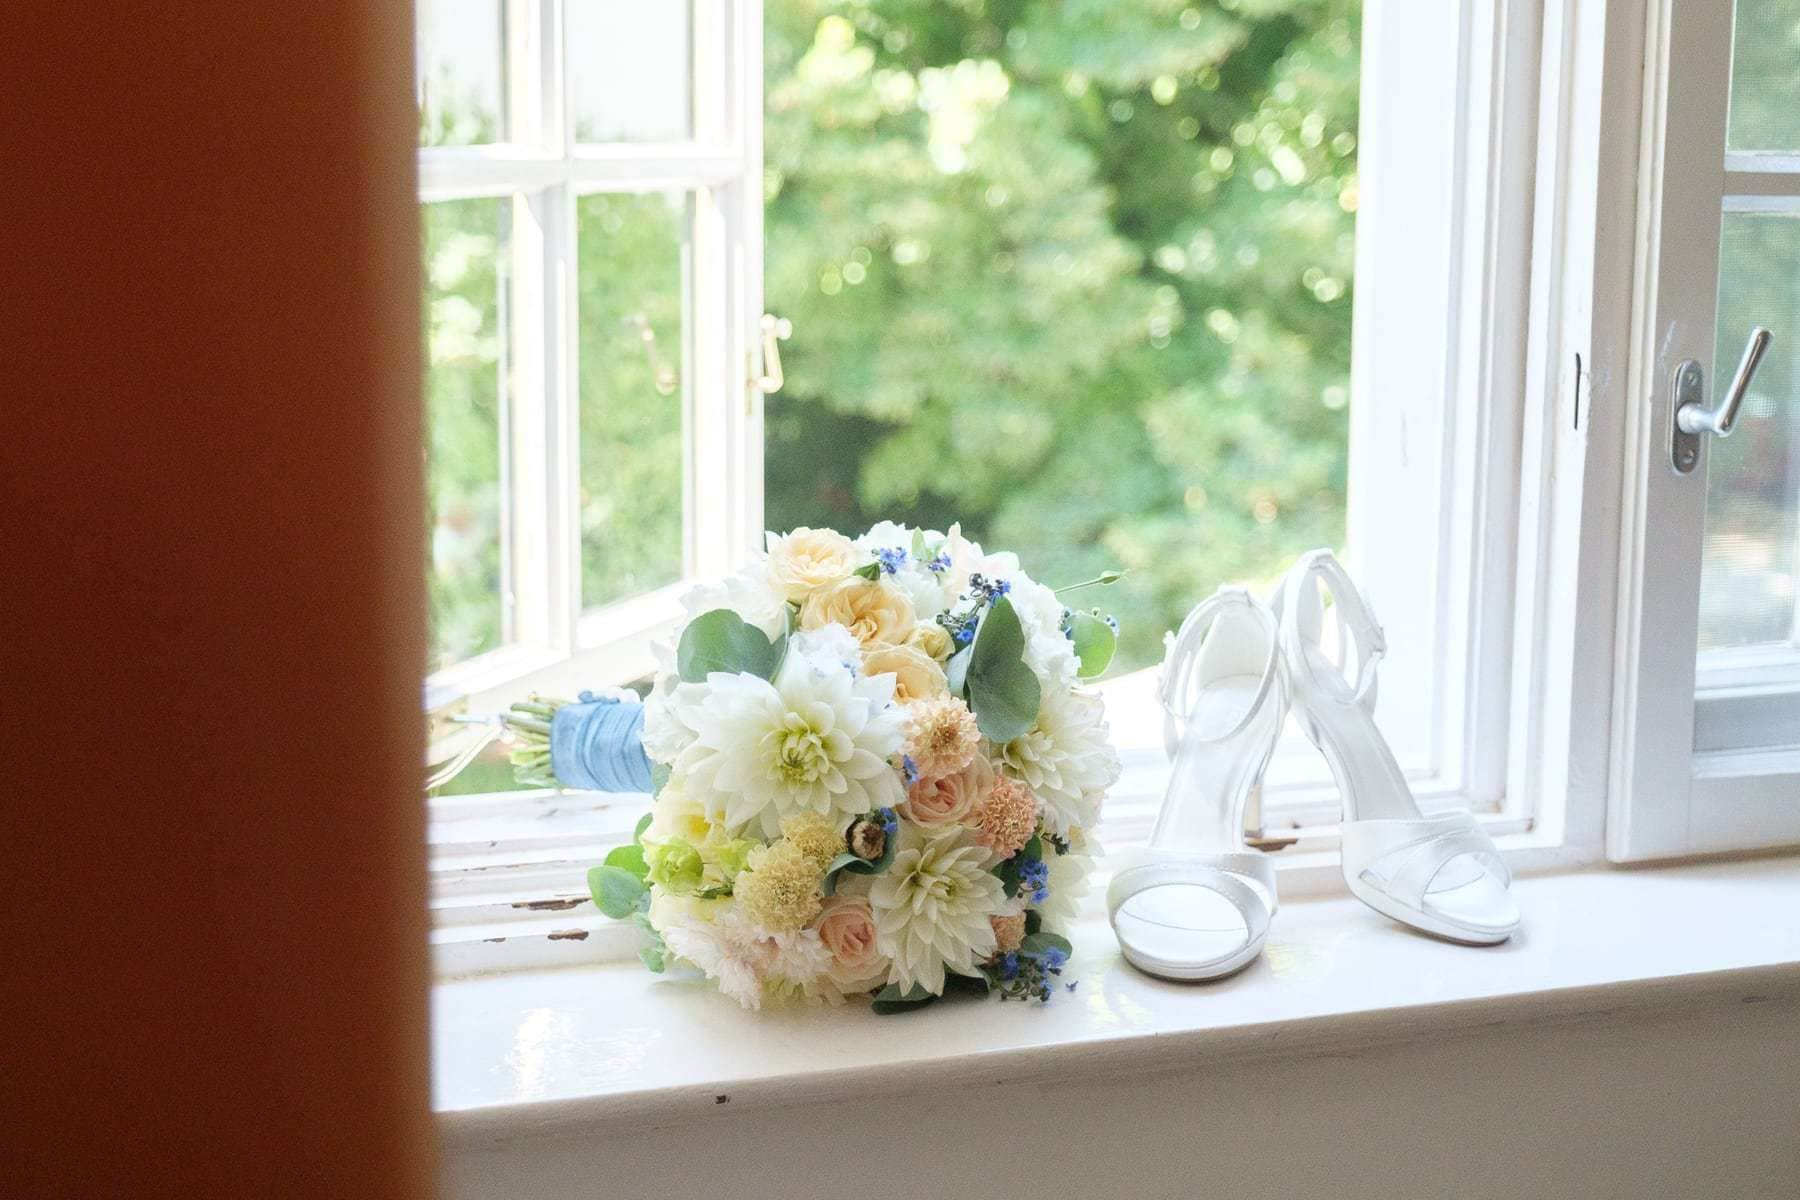 Braut Details mit Strauß und Schuhen vor offenem Fenster